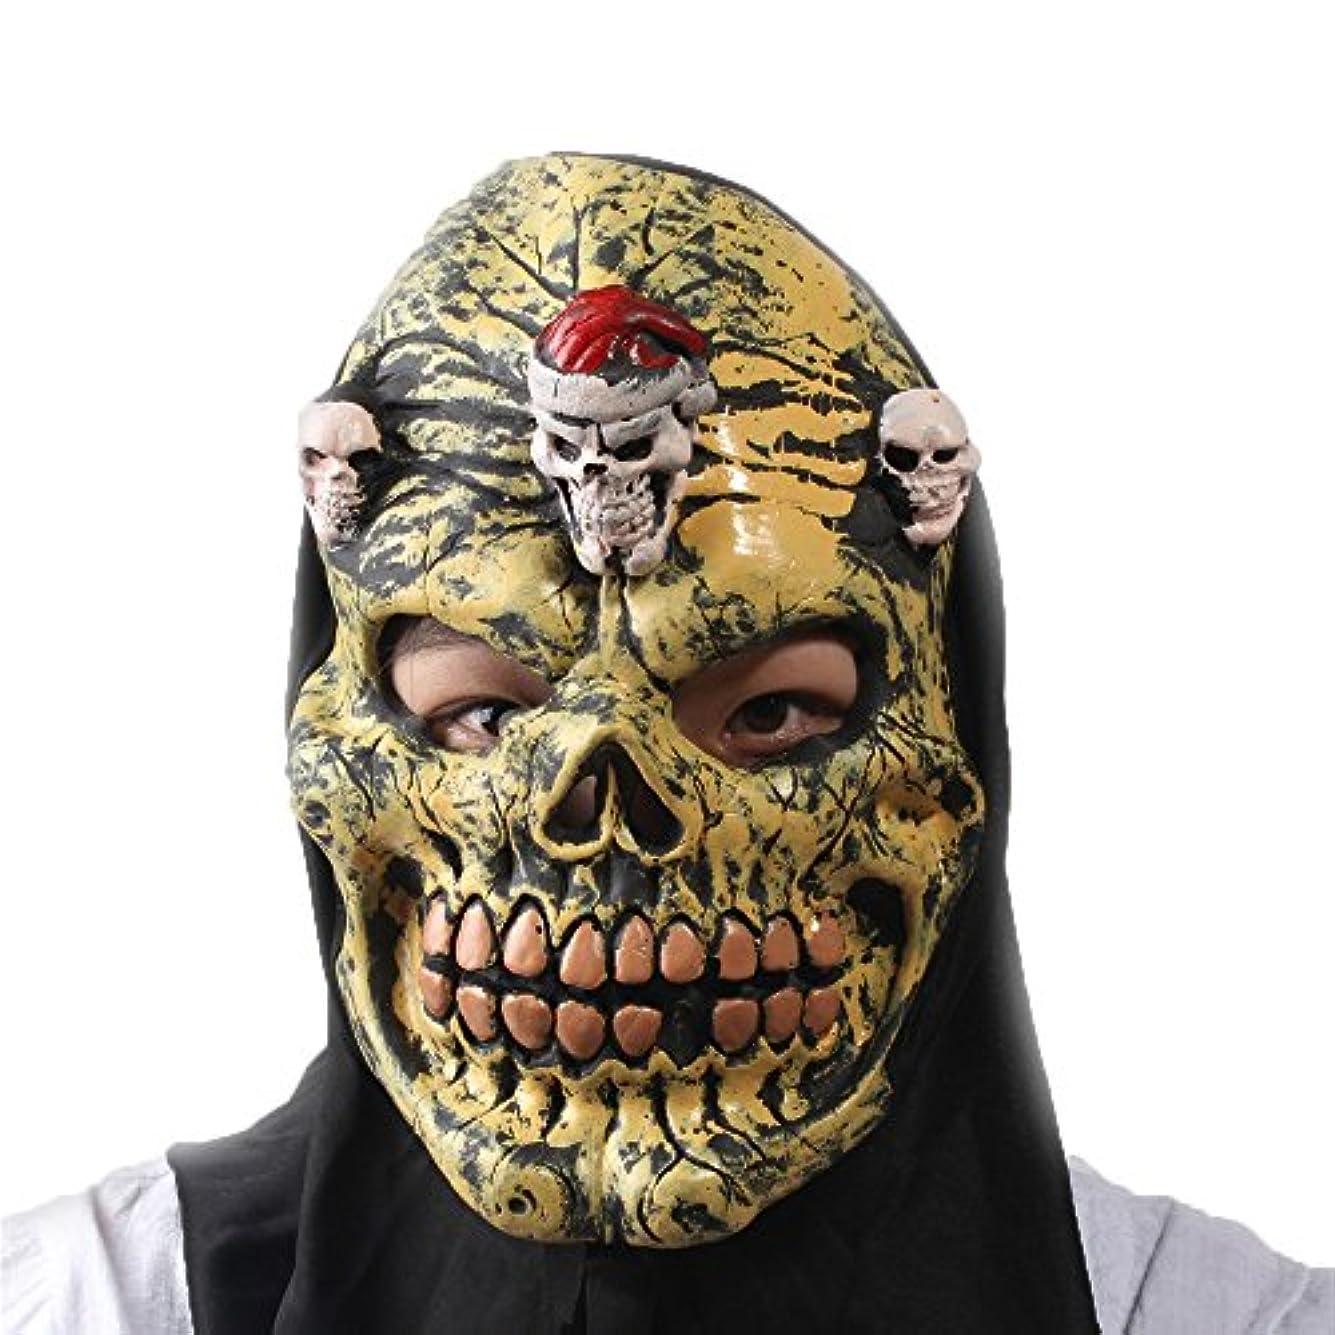 マイナーファンいくつかのハロウィンホラーウィッチマスク呪いゴーストマスク/太郎マスク/ブルネットゾンビマスク